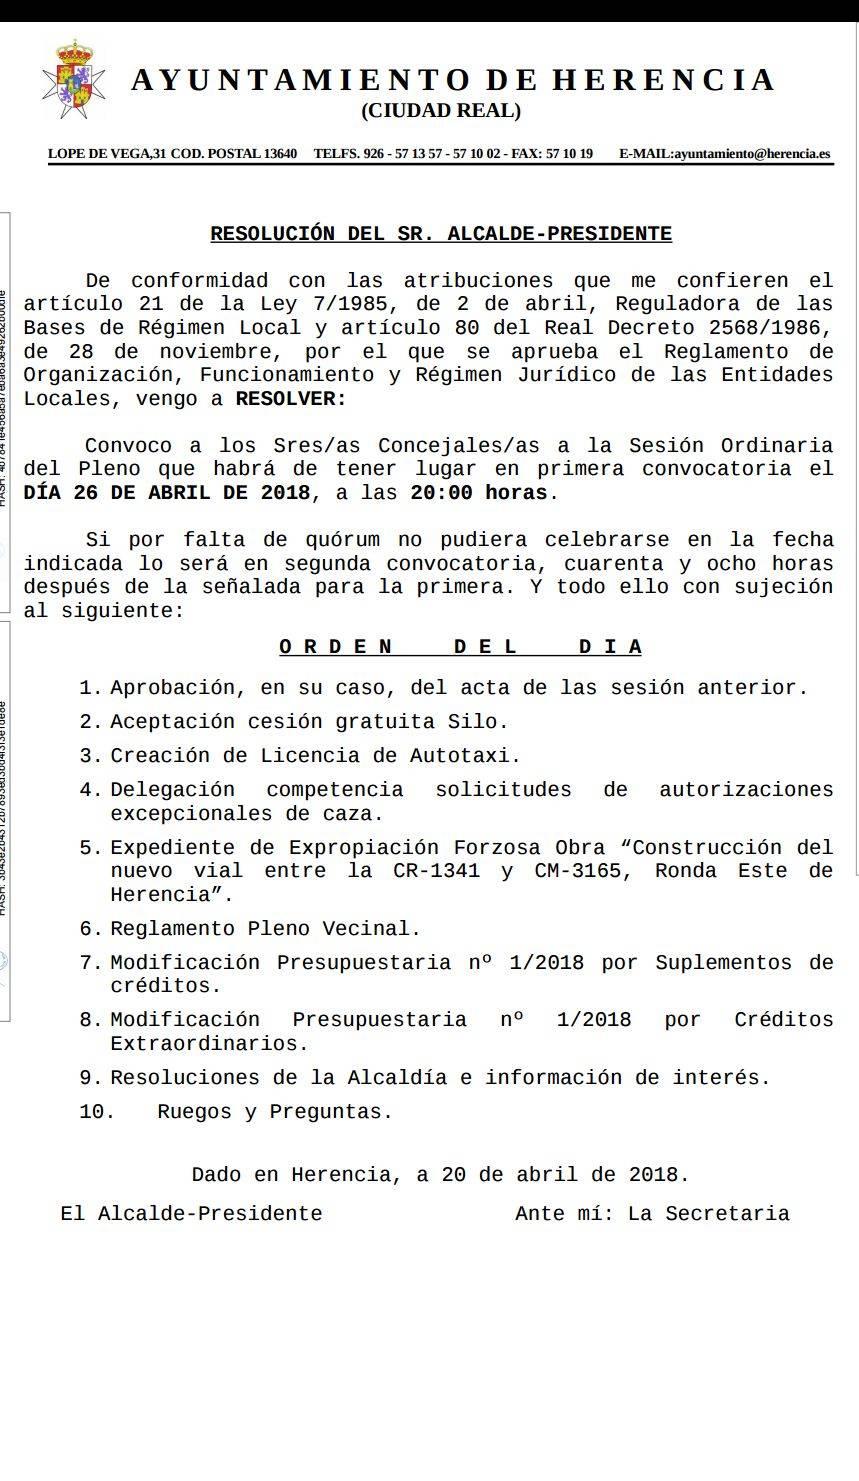 convocatoria pelno 26 abril 2018 - Herencia convoca pleno ordinario para el 26 de abril de 2018